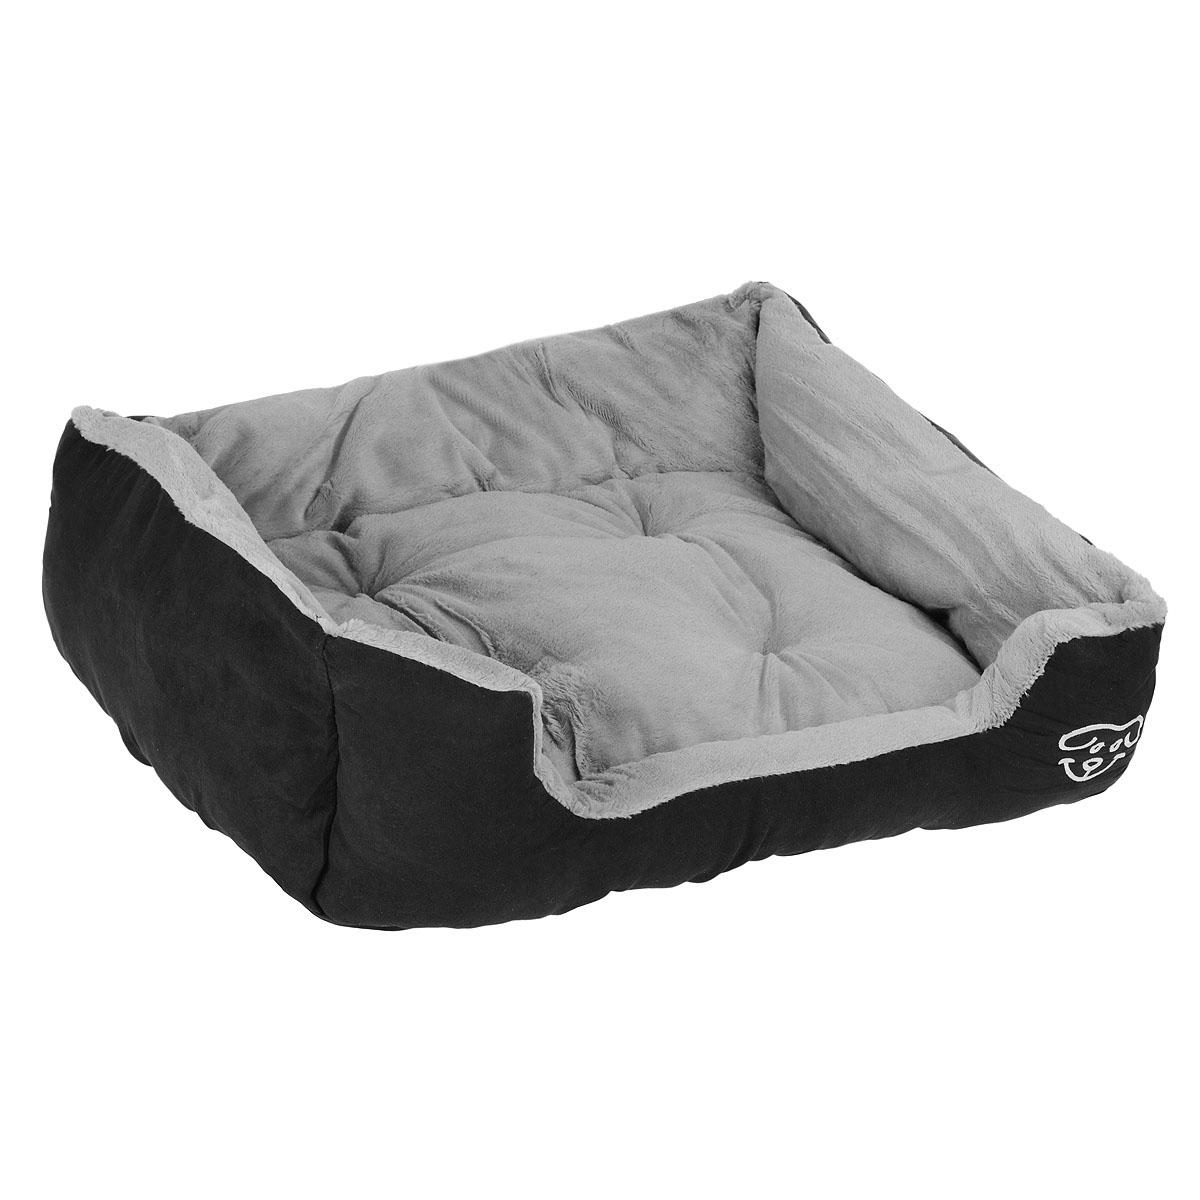 Лежак для собак I.P.T.S. Doomba, 65 см х 60 см х 20 см25965Лежак I.P.T.S. Doomba станет излюбленным местом отдыха вашего четвероногого друга. Даже самому своенравному питомцу понравится этот уютный мягкий уголок для сна. Лежак имеет форму диванчика с мягкими бортиками и выполнен в приятных черно-серых оттенках. Сочетание этих нейтральных цветов впишется в интерьер, и изделие будет одинаково хорошо смотреться как в гостиной, так и в другой комнате. Товар сертифицирован.